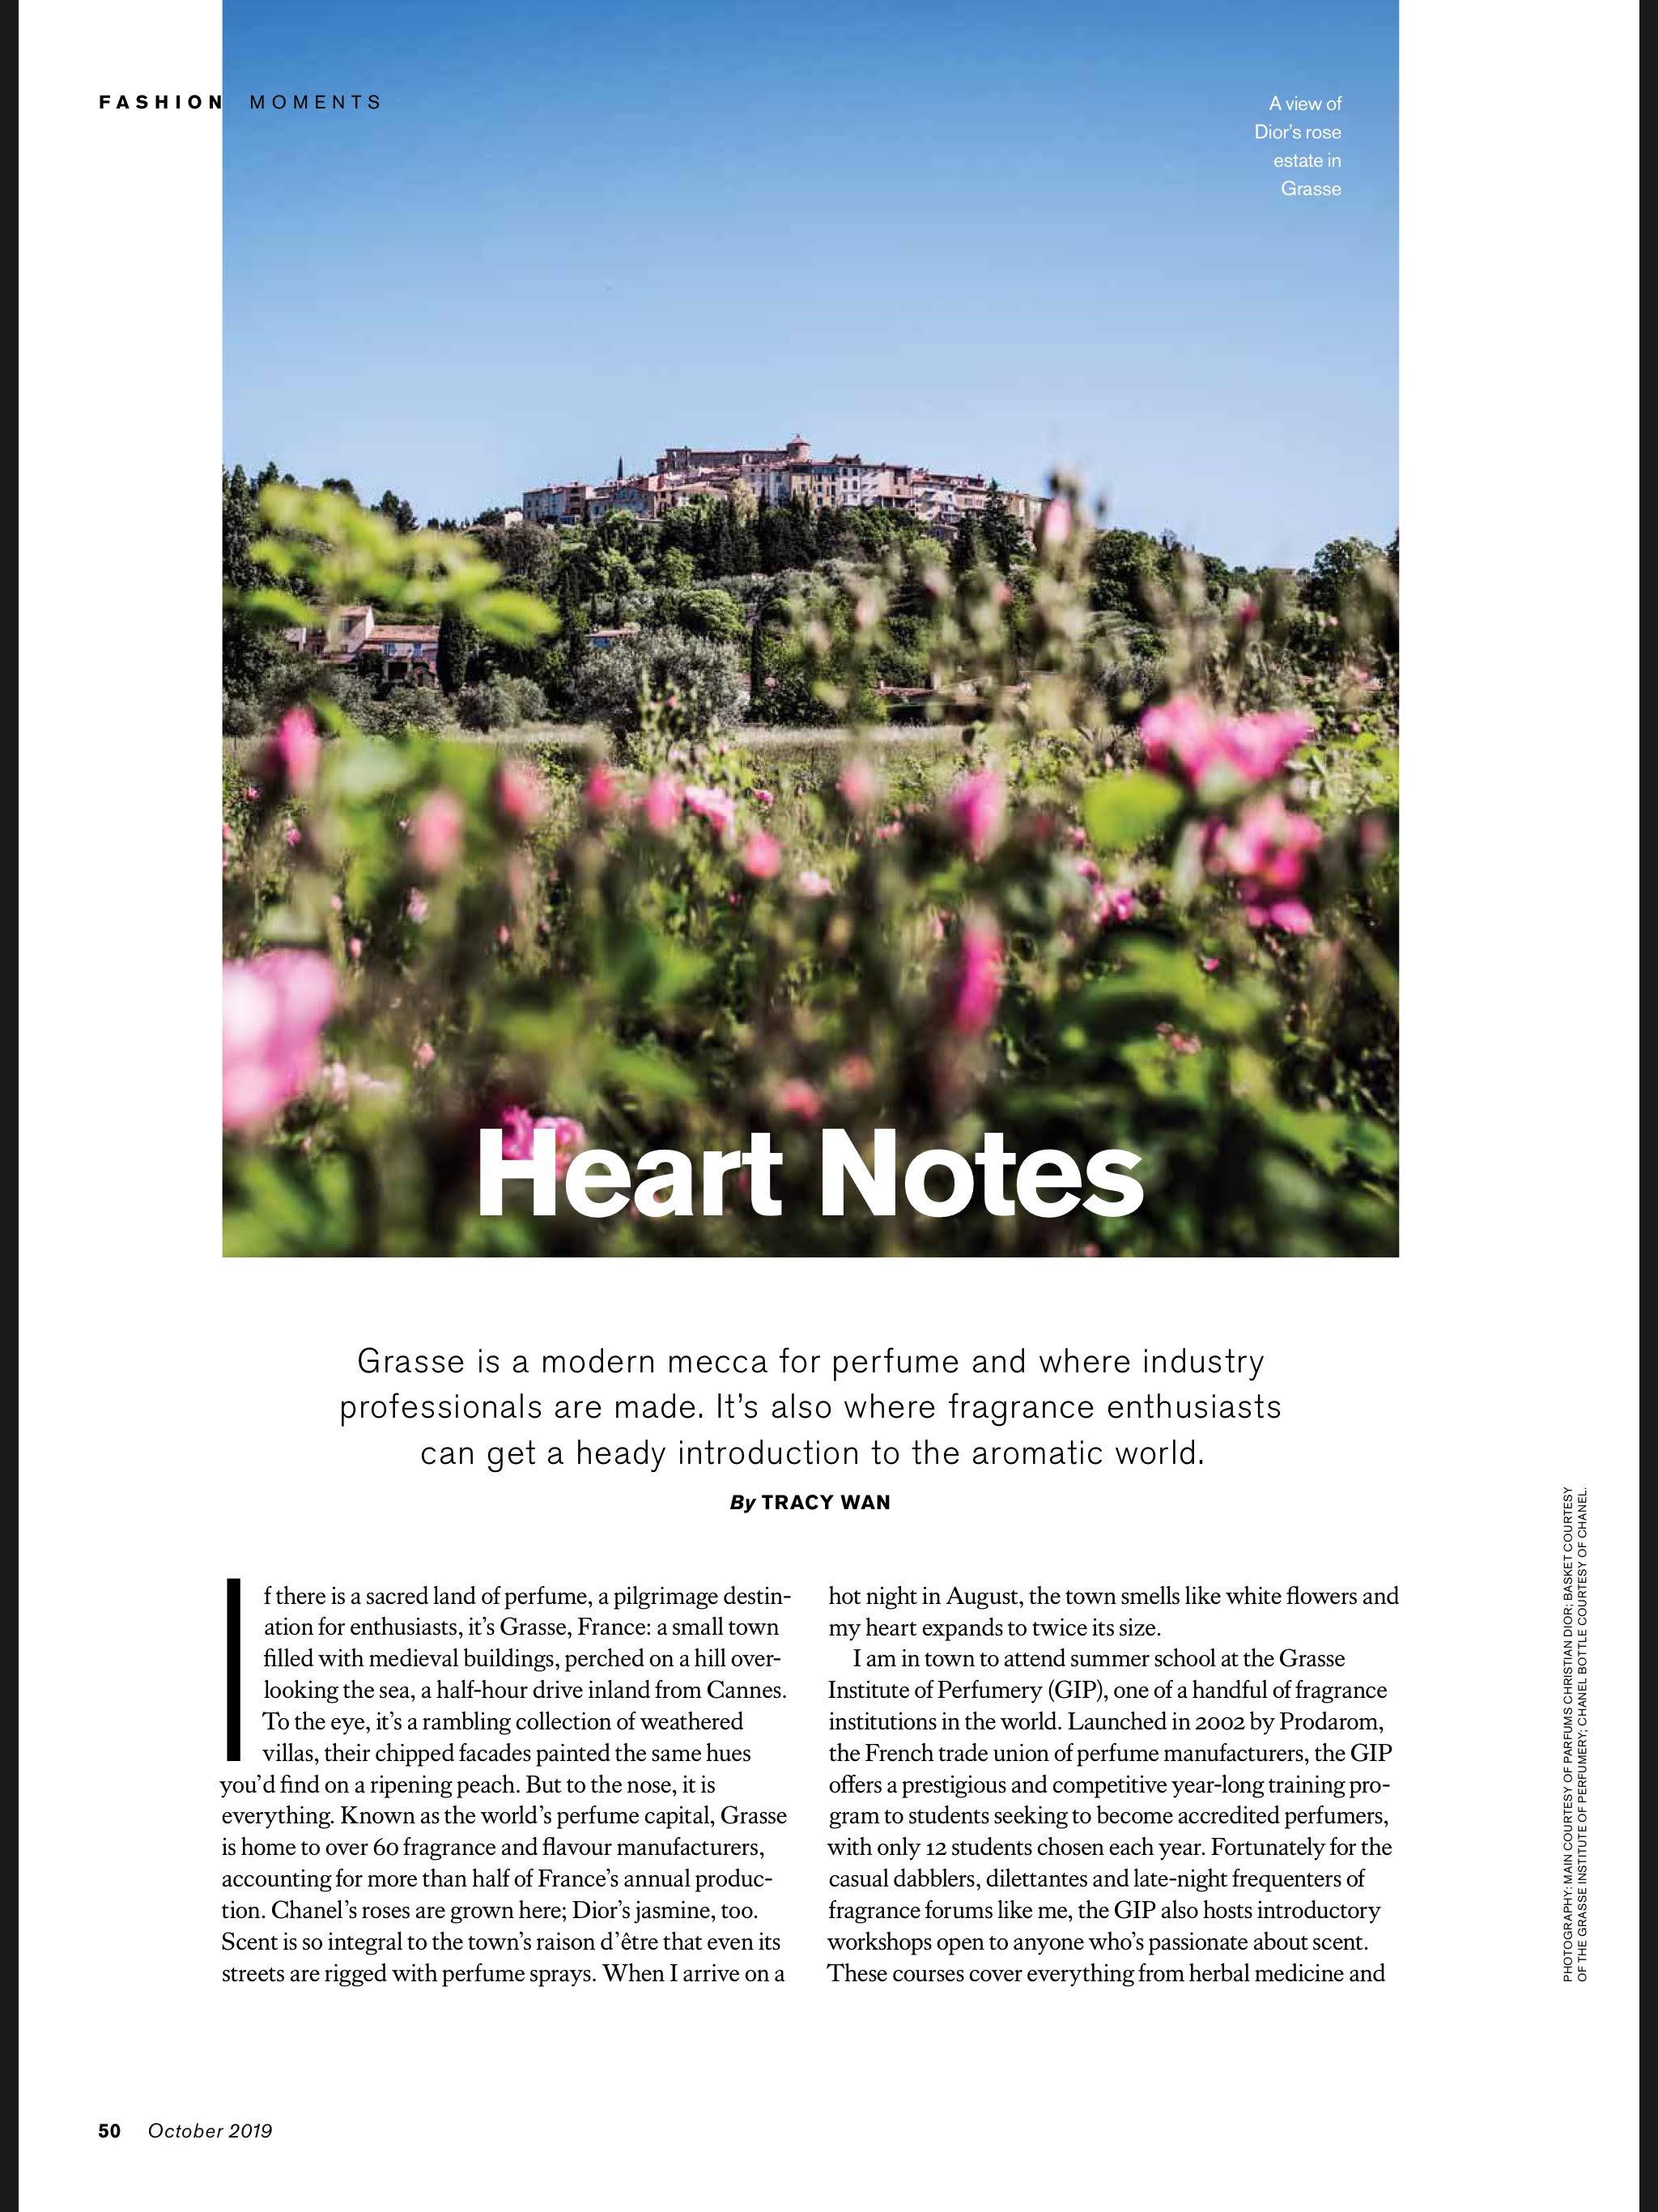 Heart Notes 1.jpg